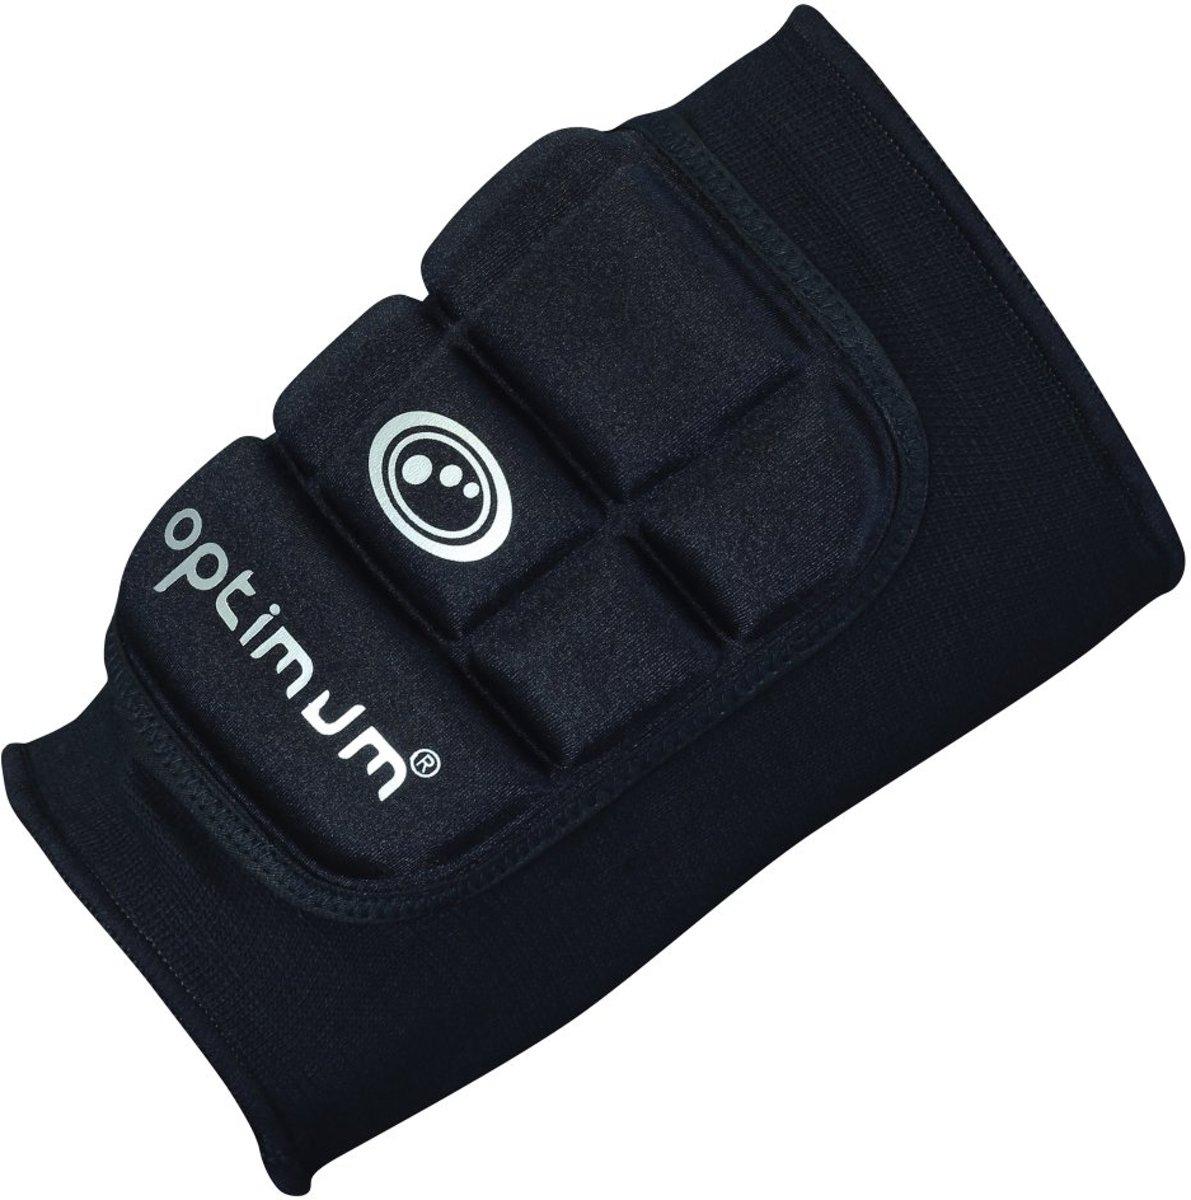 Optimum Biceps bescherming - maat L kopen